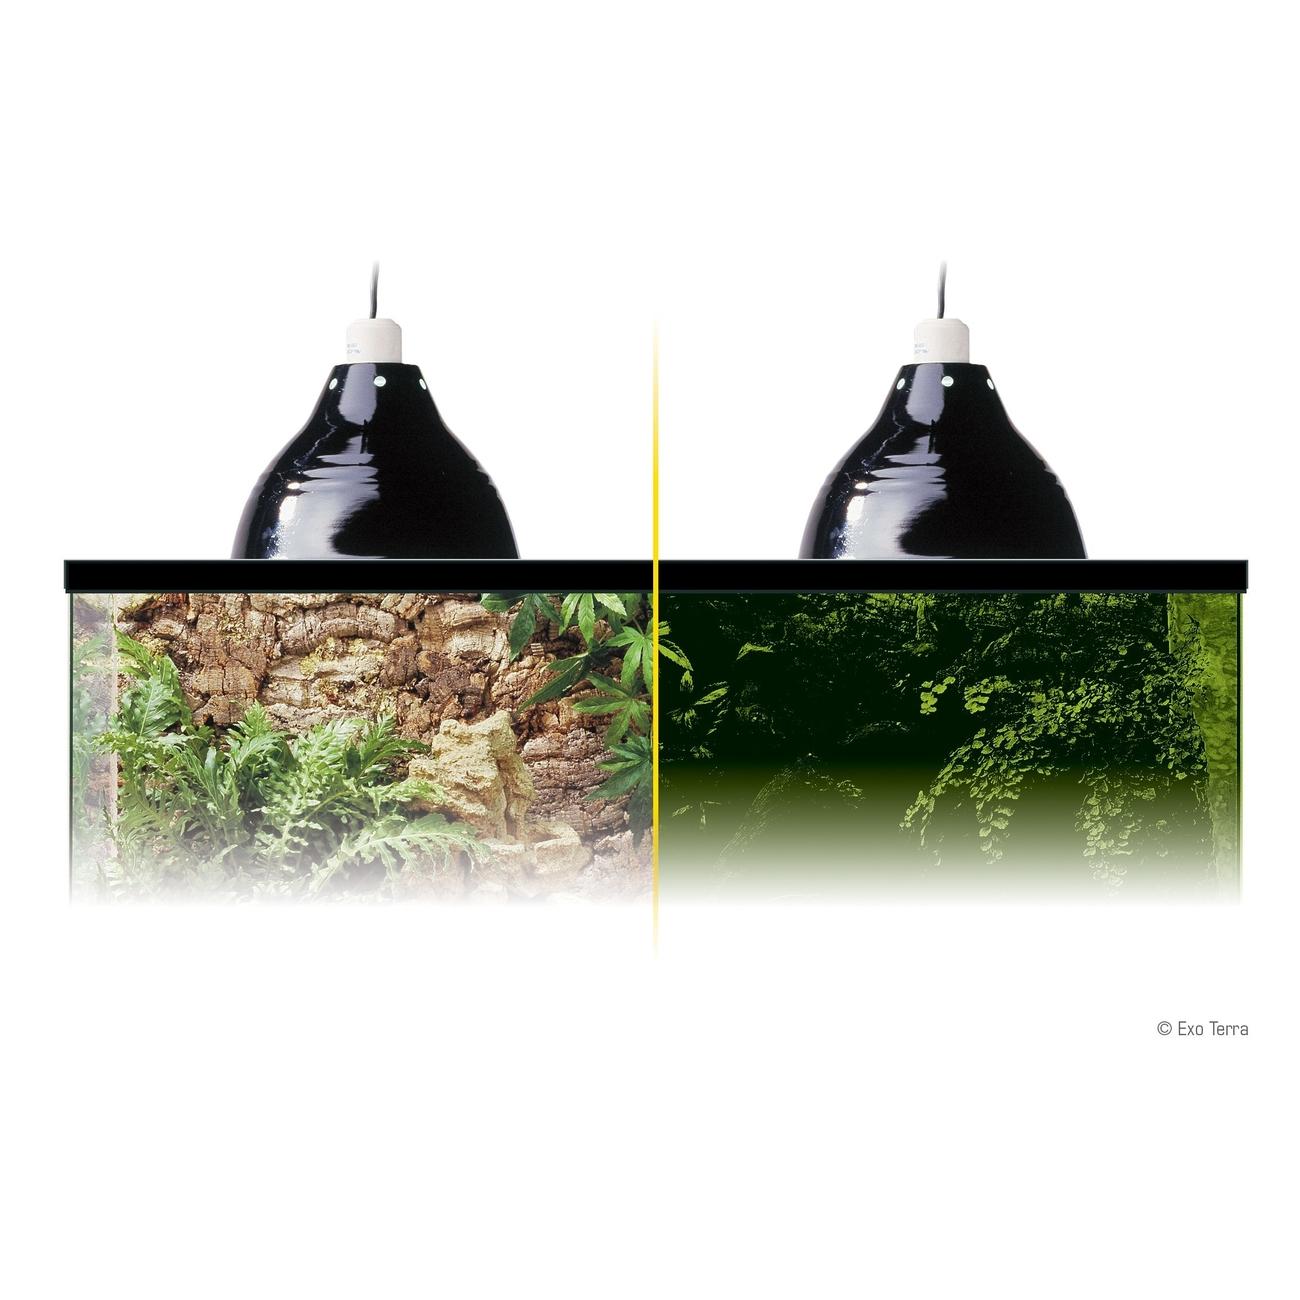 Exo Terra - Porzellan-Klemmlampe mit Leuchtreflektor, Bild 5